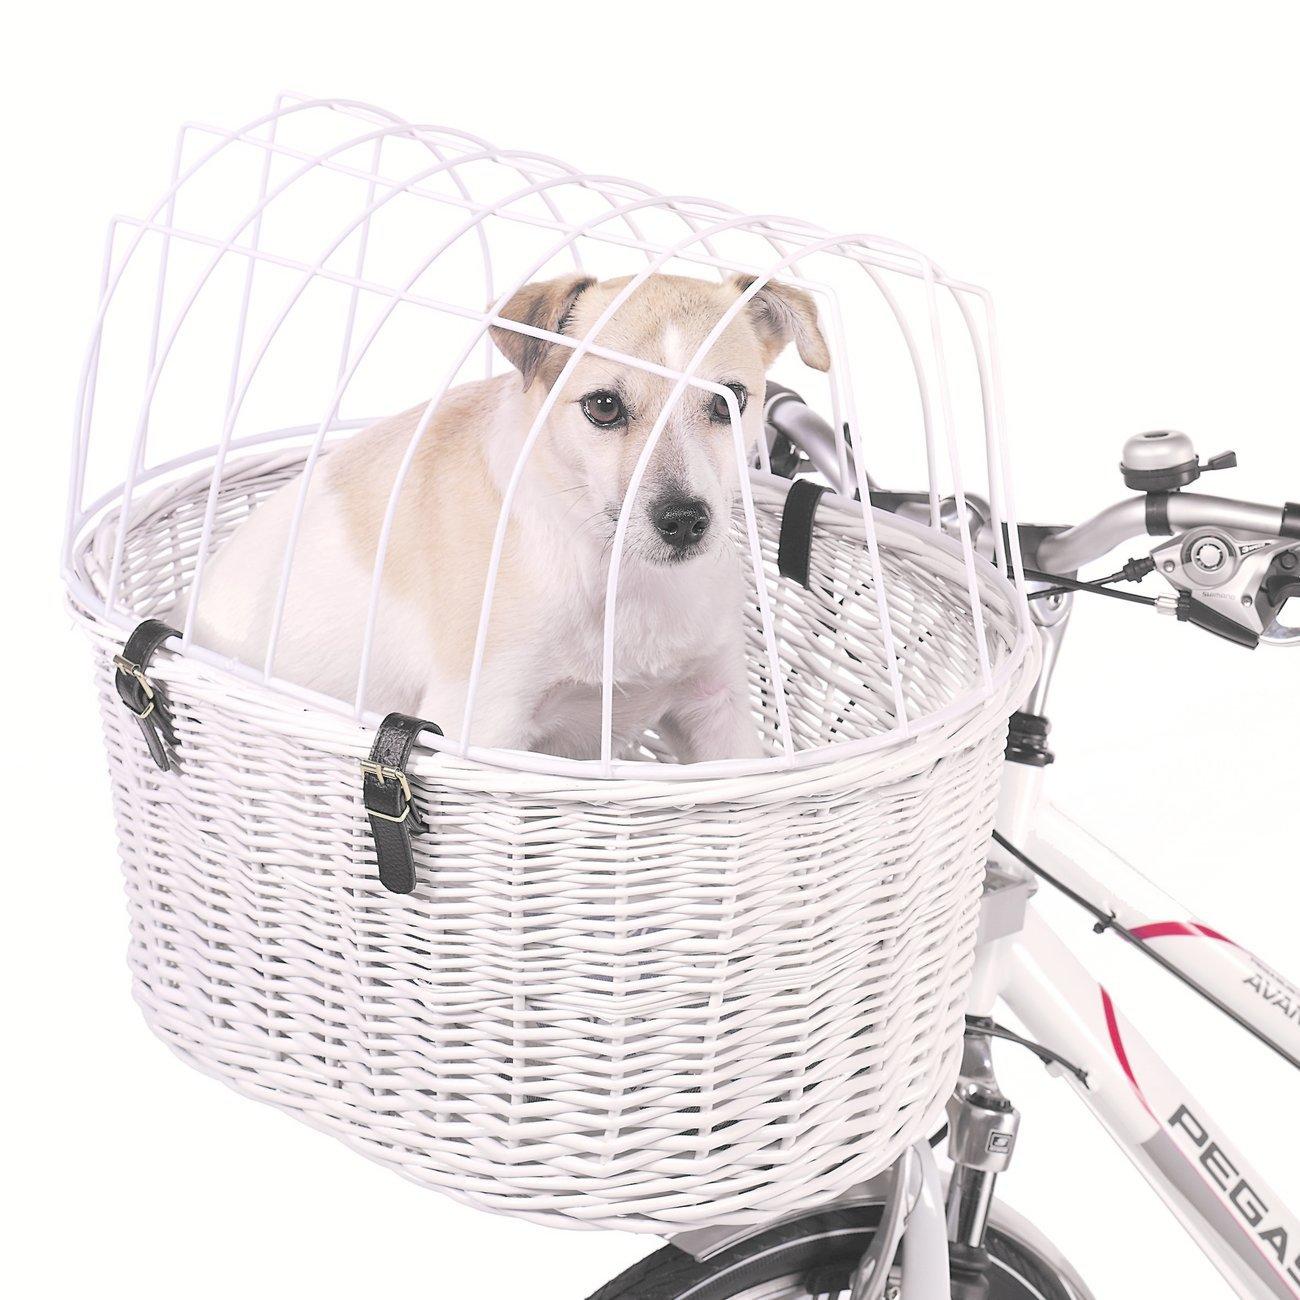 Aumüller Hunde Fahrradkorb extra hoch für E-Bikes, 53 x 40 x 25/46 cm - inklusive Halterung, weiß